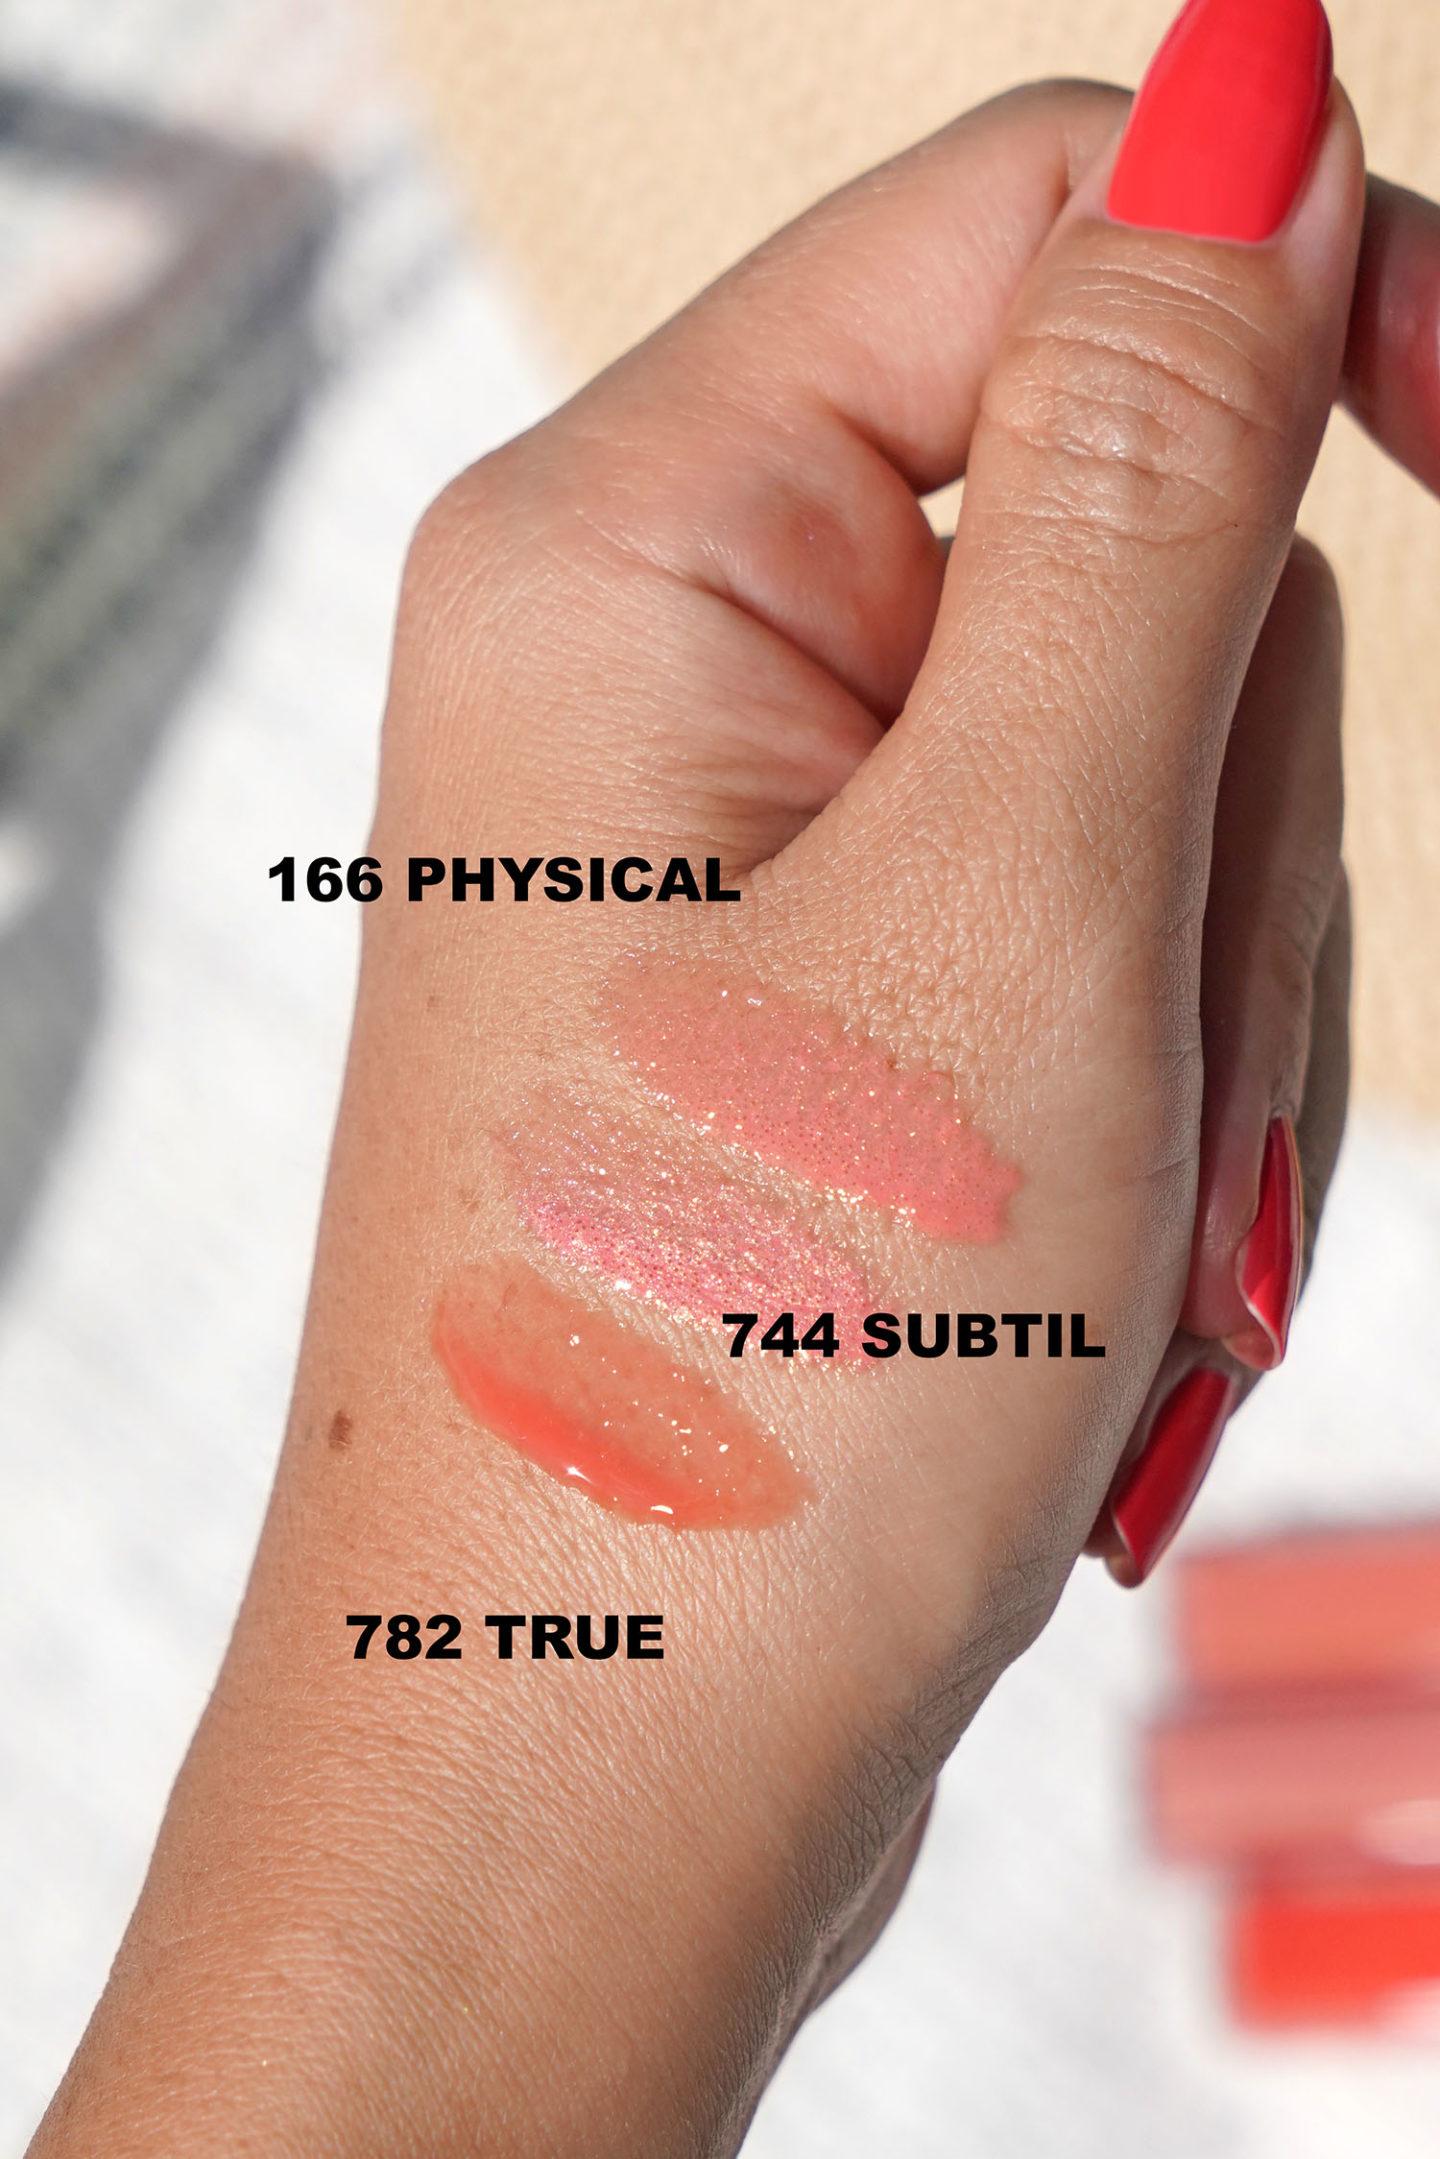 Chanel Rouge Coco Gloss en Physique, Subtil et Vrai